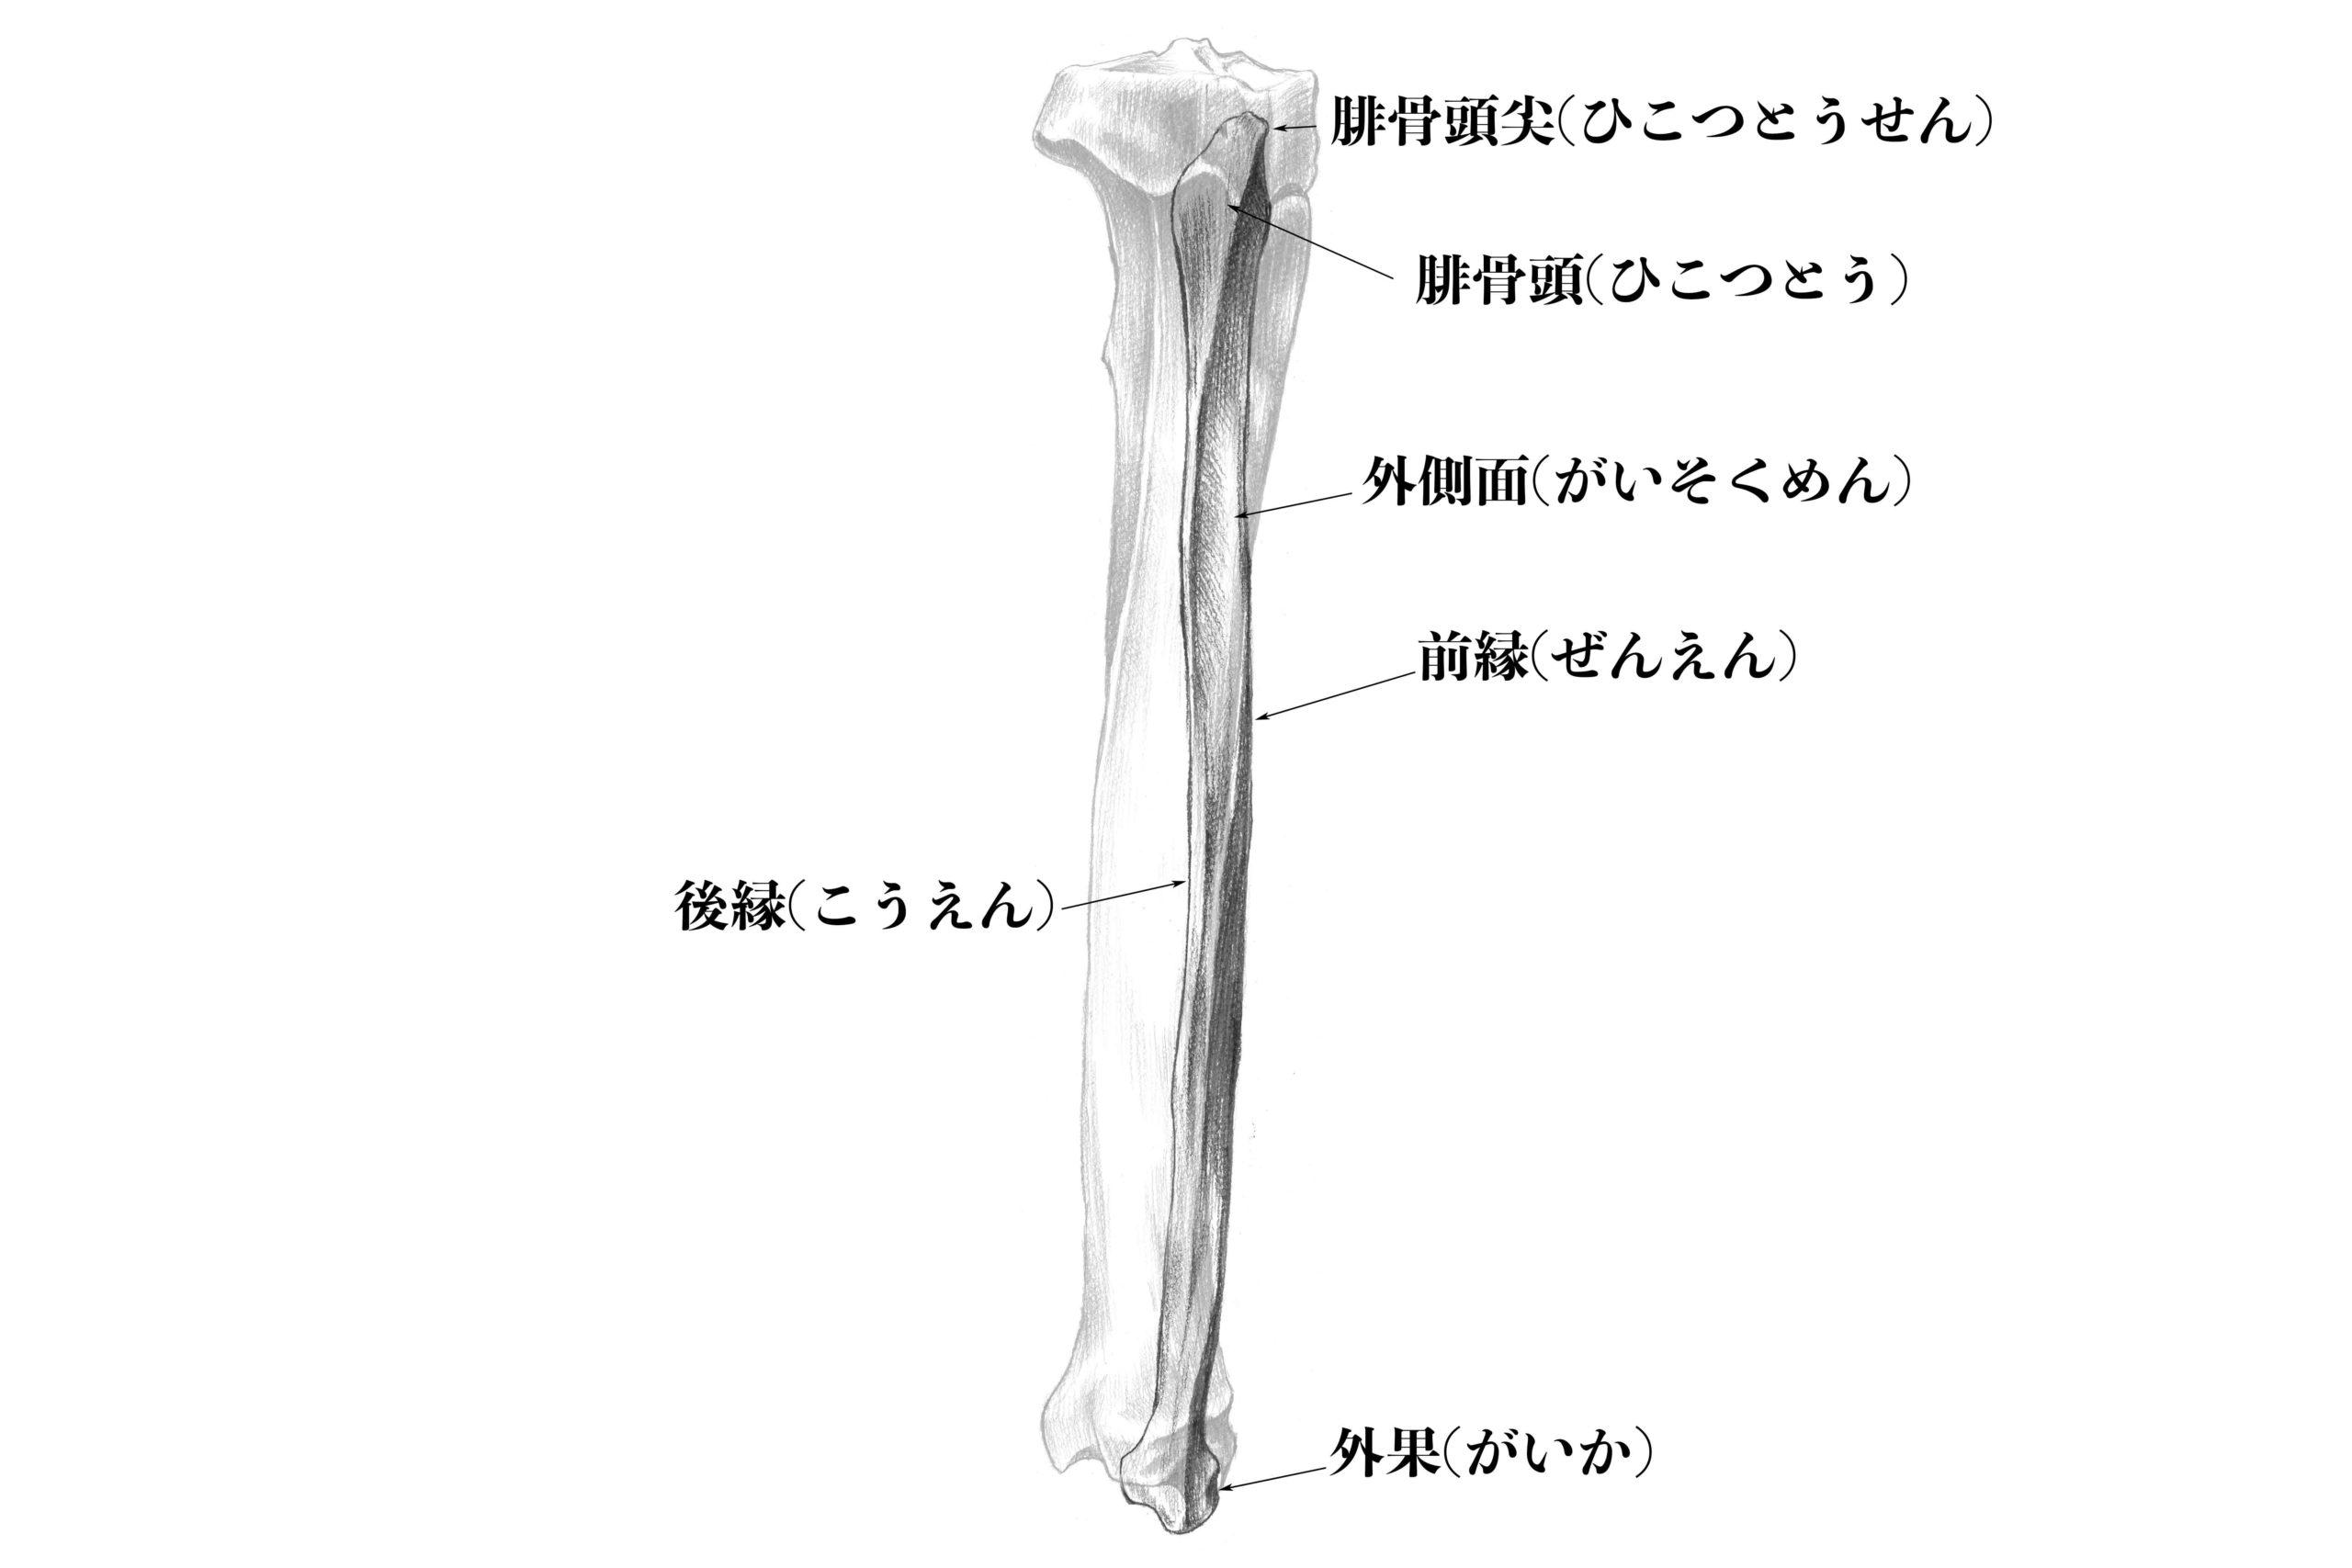 腓骨外側のスケッチ